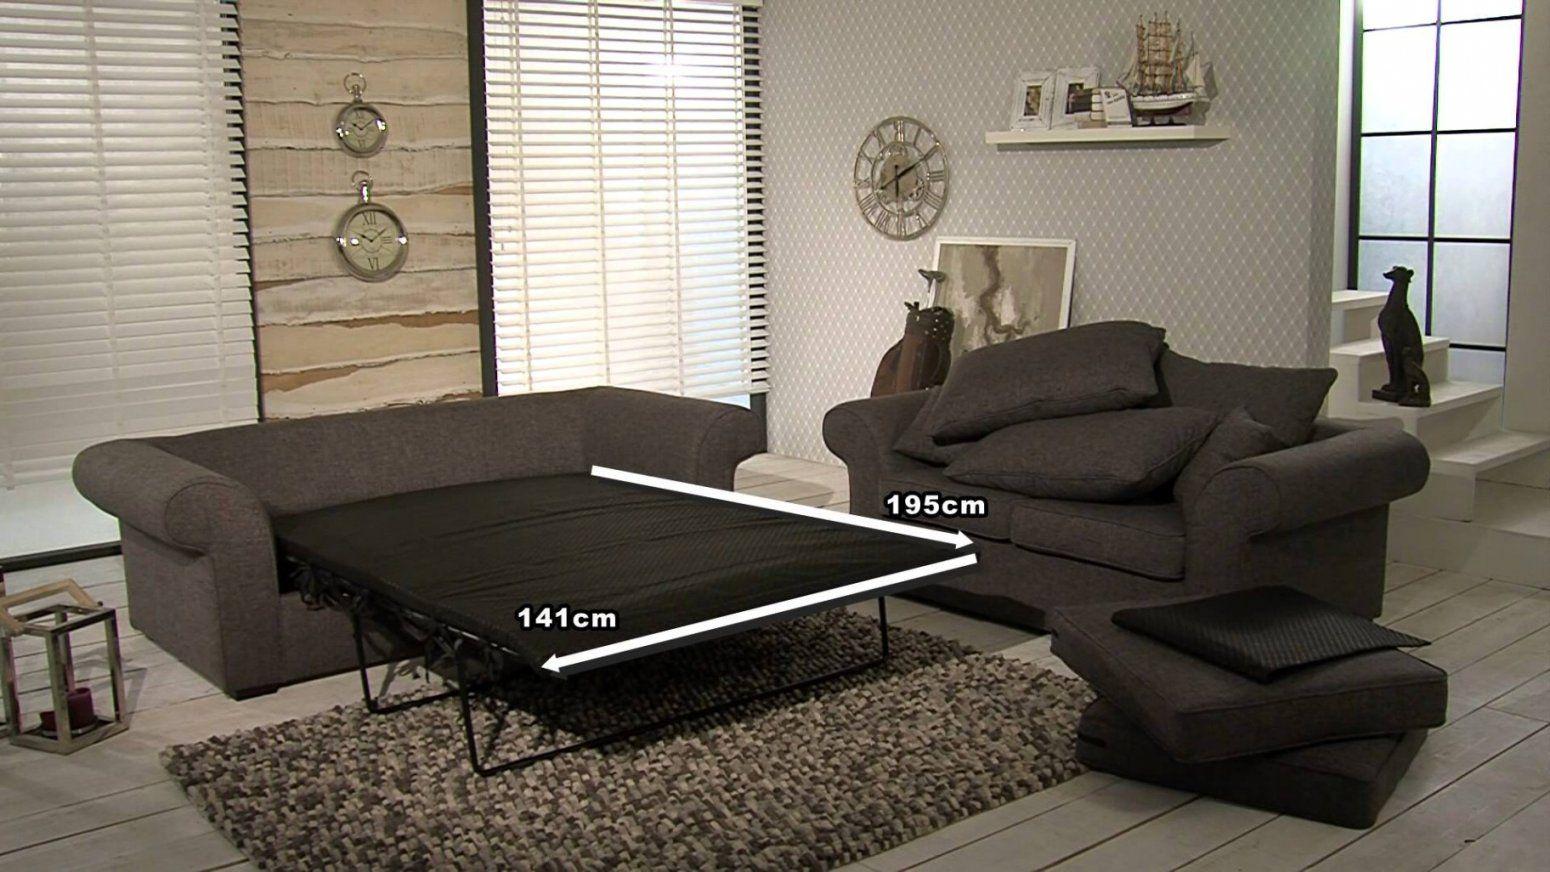 Luxuriös Otto Sofas Mit Bettfunktion Bürostuhl Von Otto Sofas Mit von Otto Sofa Mit Bettfunktion Bild